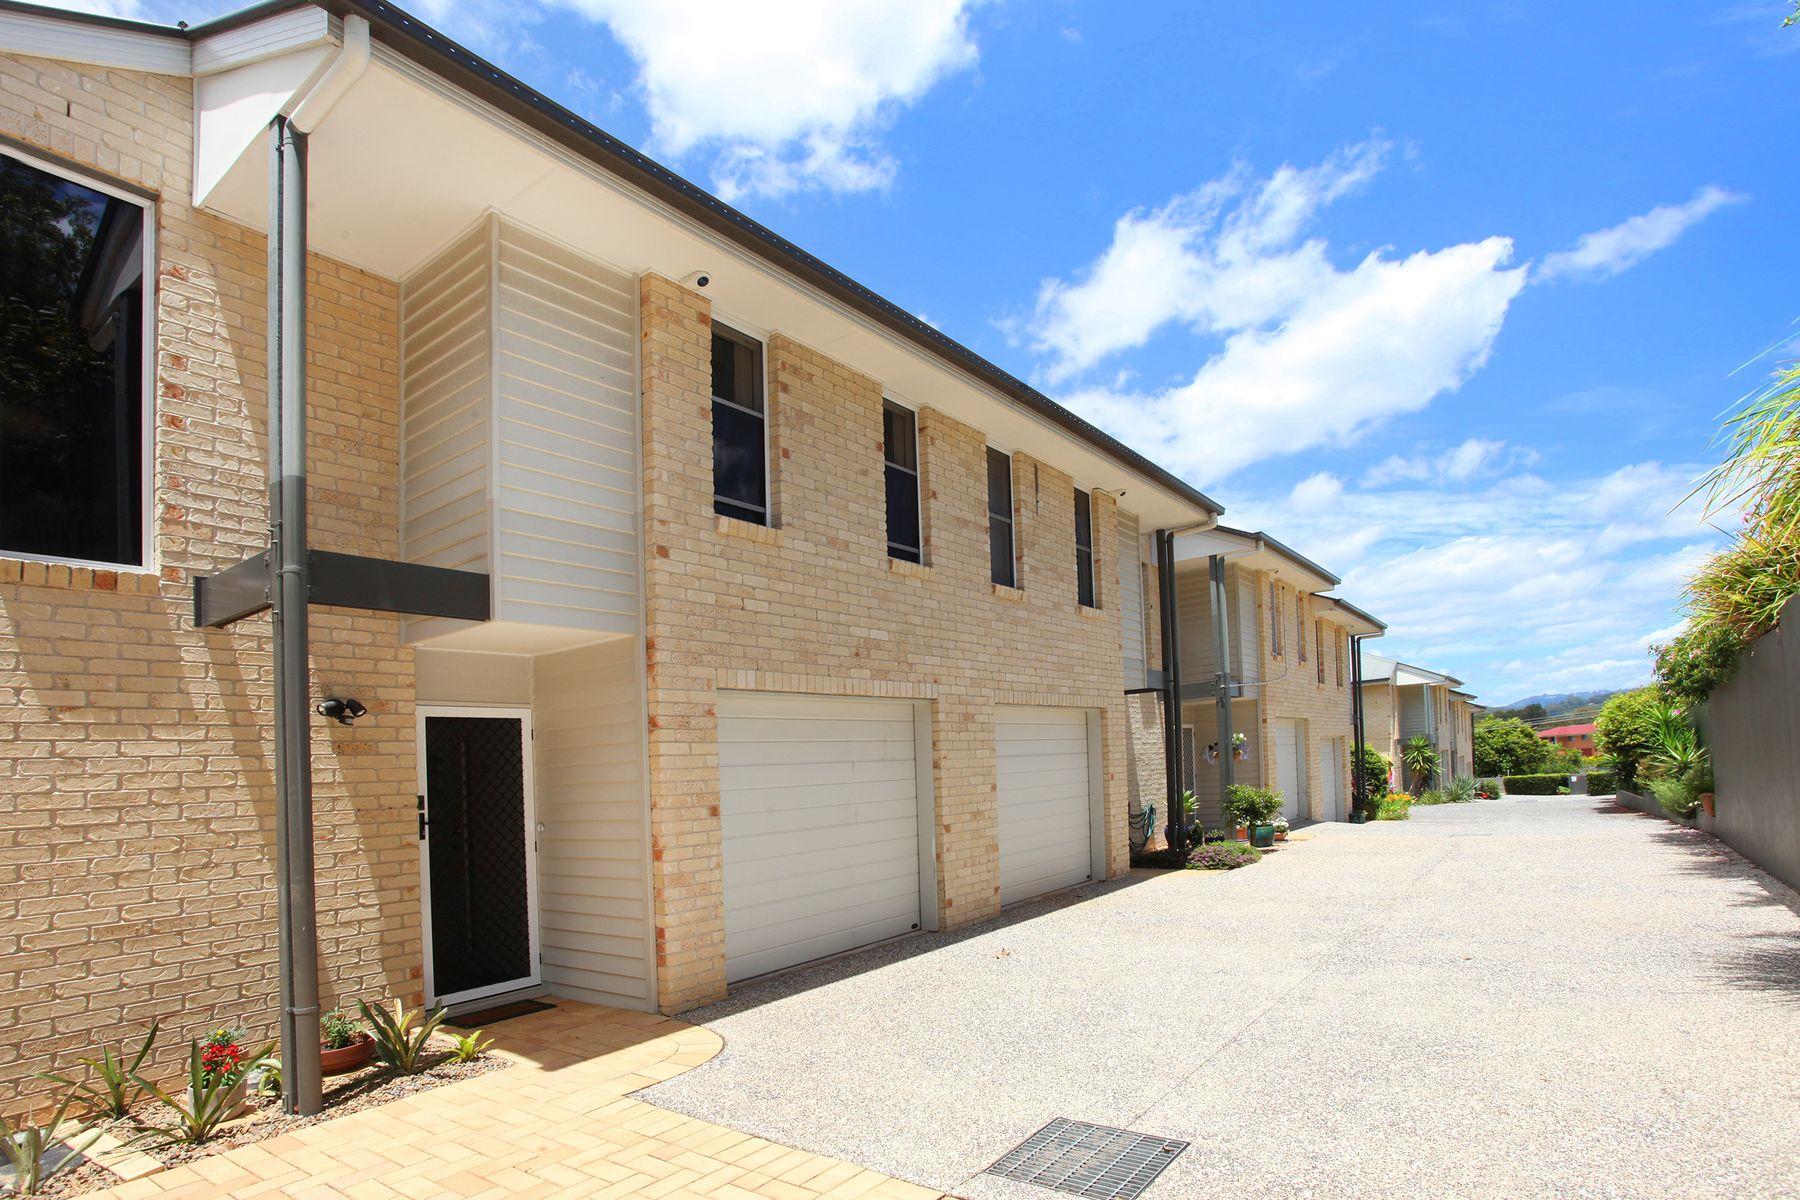 3/66 Carter Road, Nambour, QLD 4560